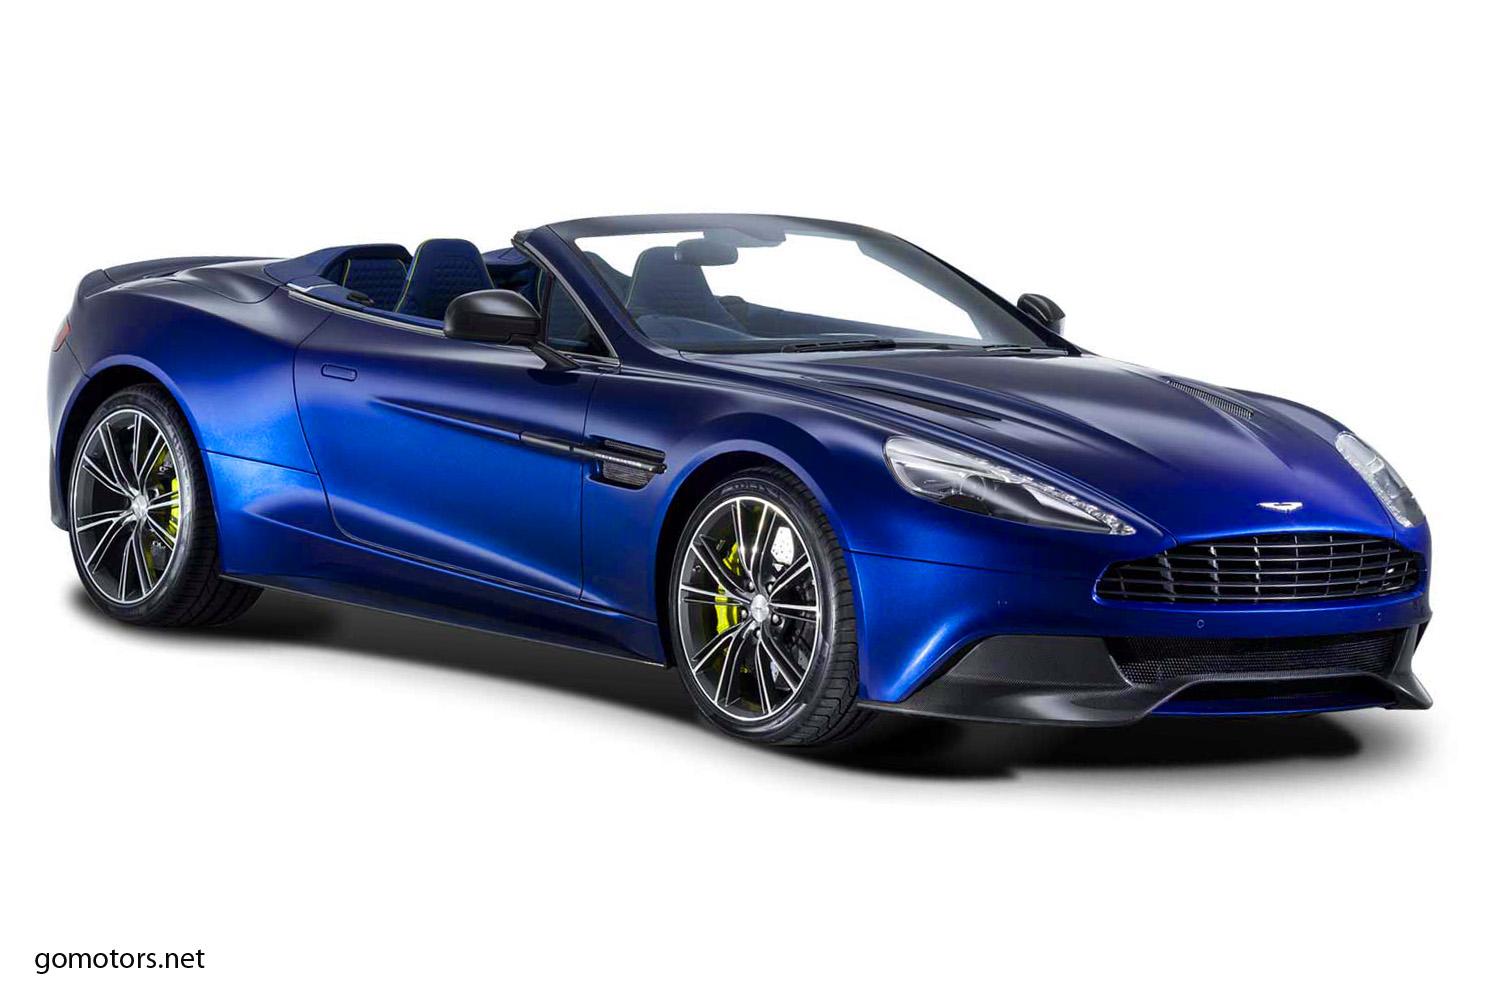 2014 Aston Martin Vanquish 30 Widescreen Wallpaper